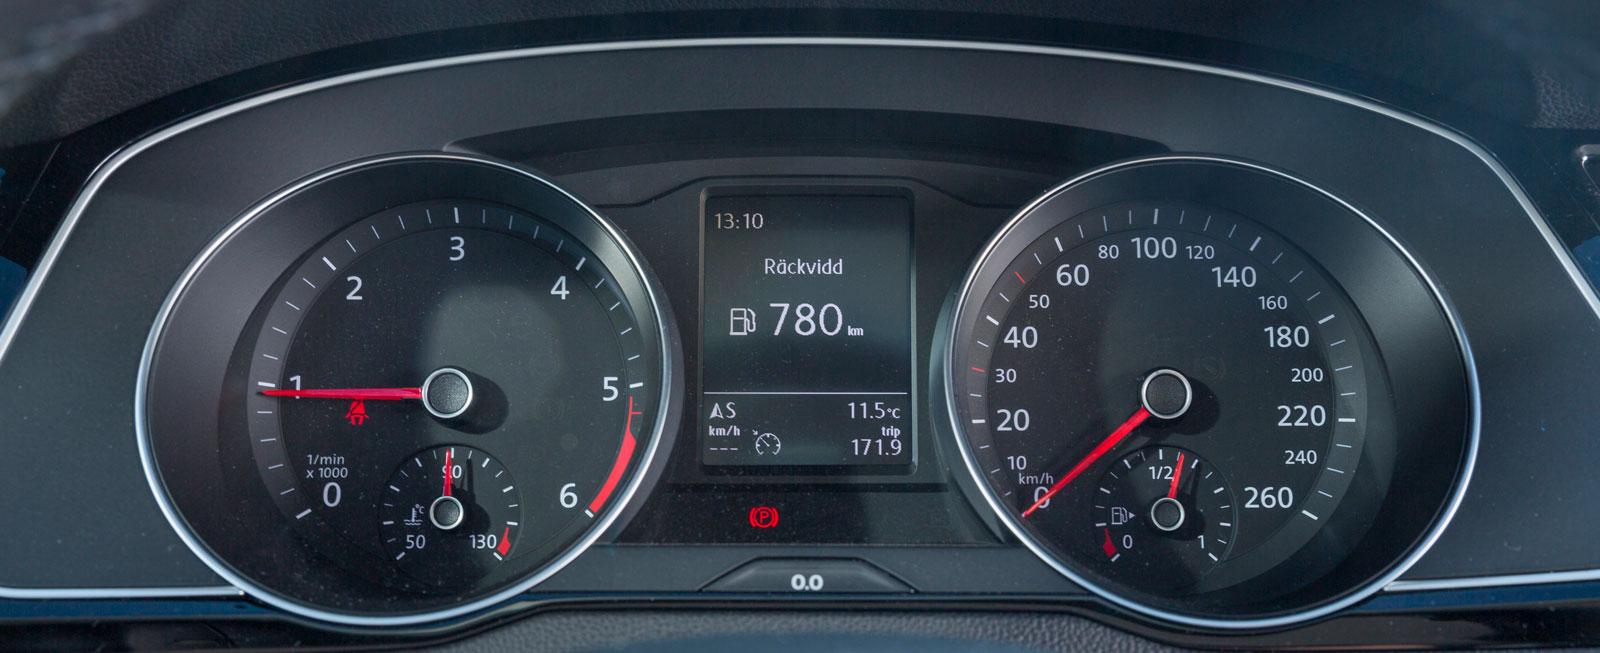 Mätartavlorna är stora, runda, tydliga och djupt försänkta. Mellan dem finns en display för färddator, navigation och telefon. Typiskt funktionell VW-layout!